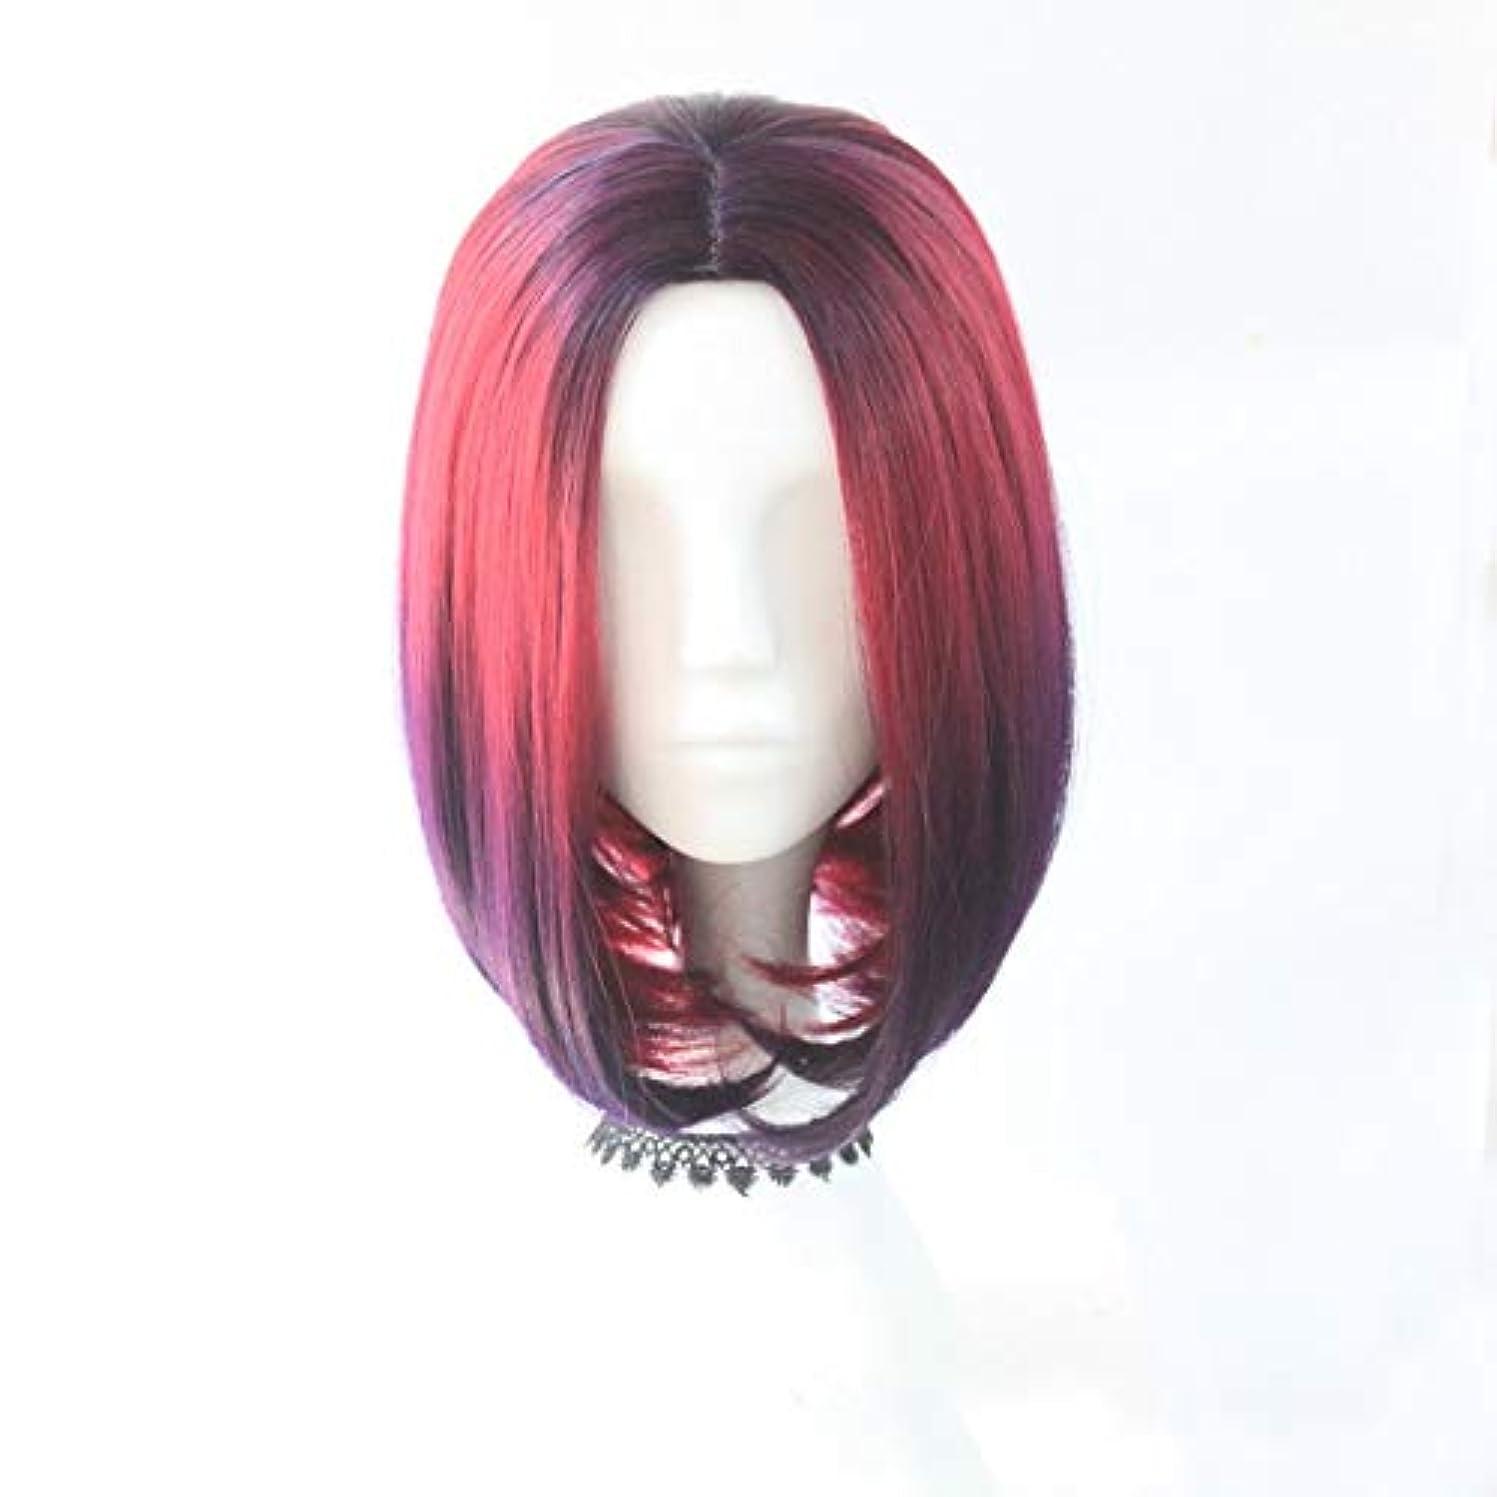 ラフ首謀者放射能YOUQIU 女性の自然なウィッグショートストレートBOB髪のグラデーションの色ウィッグCOSウィッグウィッグ (色 : レッド)